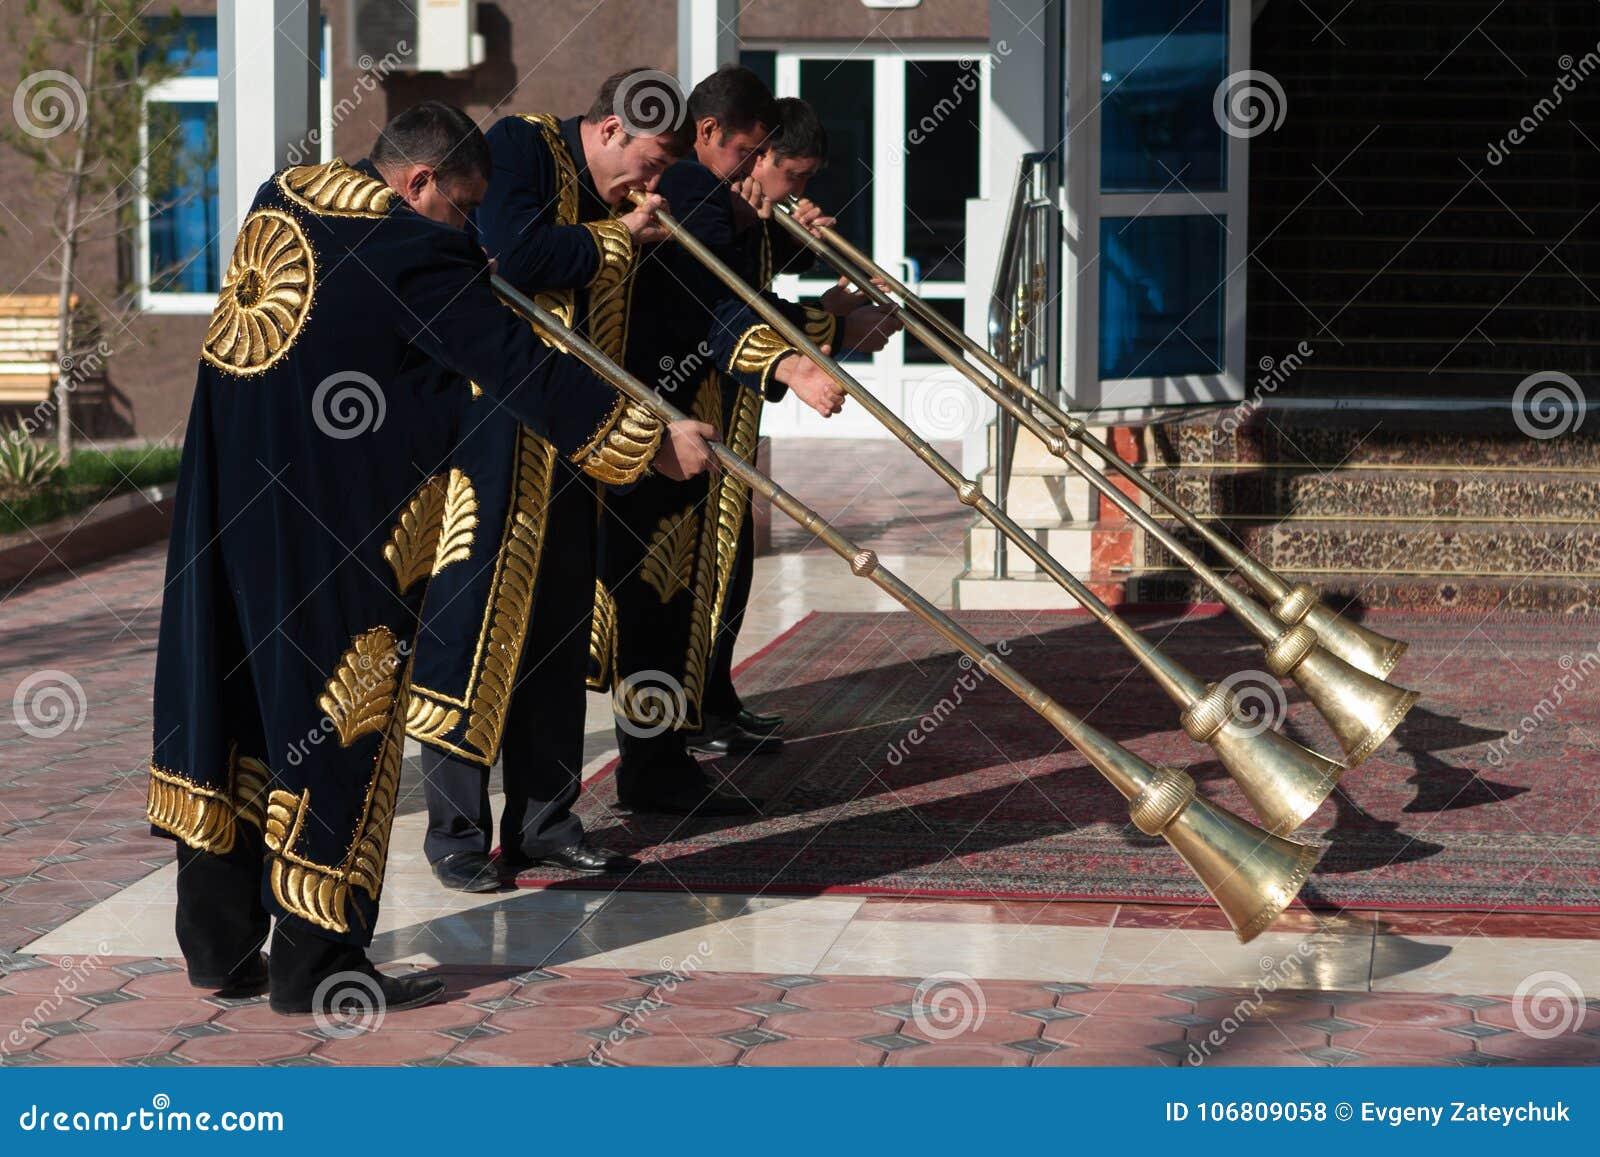 TASHKENT UZBEKISTÁN - 9 de diciembre de 2011: Hombres del músico en los kaftans tradicionales que juegan el karnay